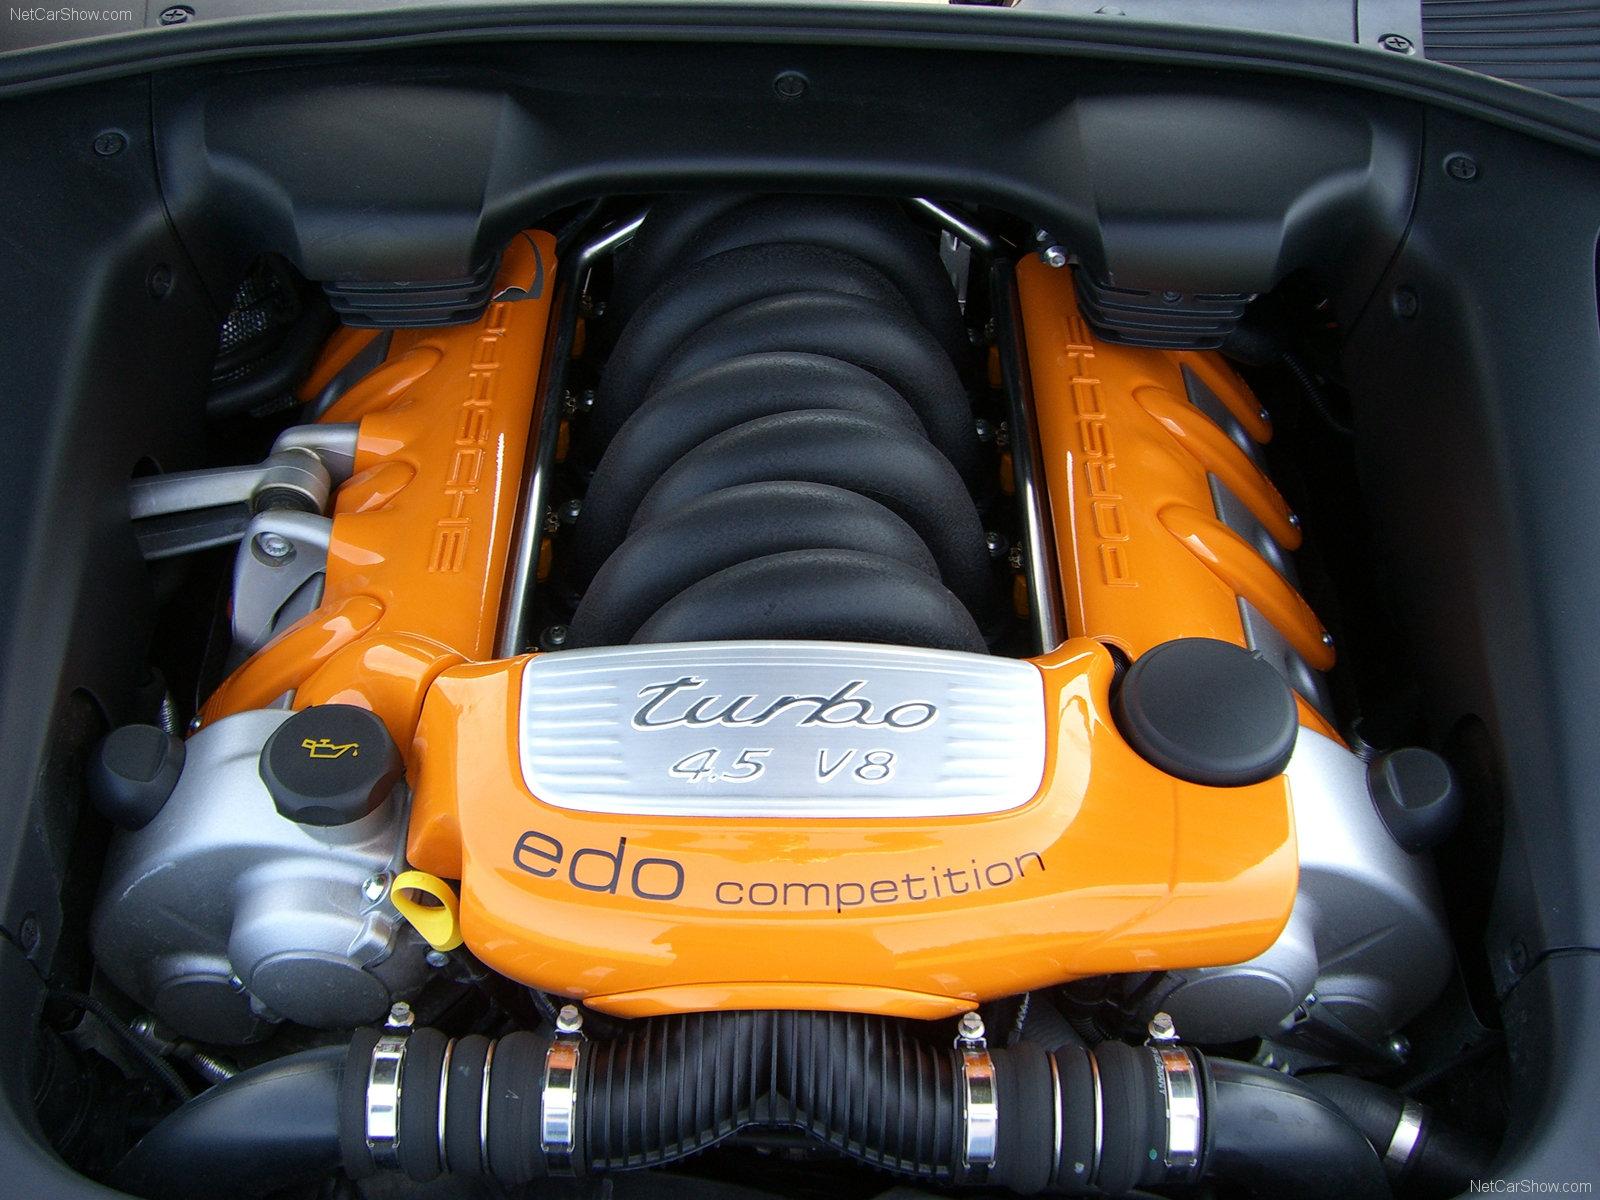 Hình ảnh siêu xe Edo Porsche Cayenne Turbo 2005 & nội ngoại thất